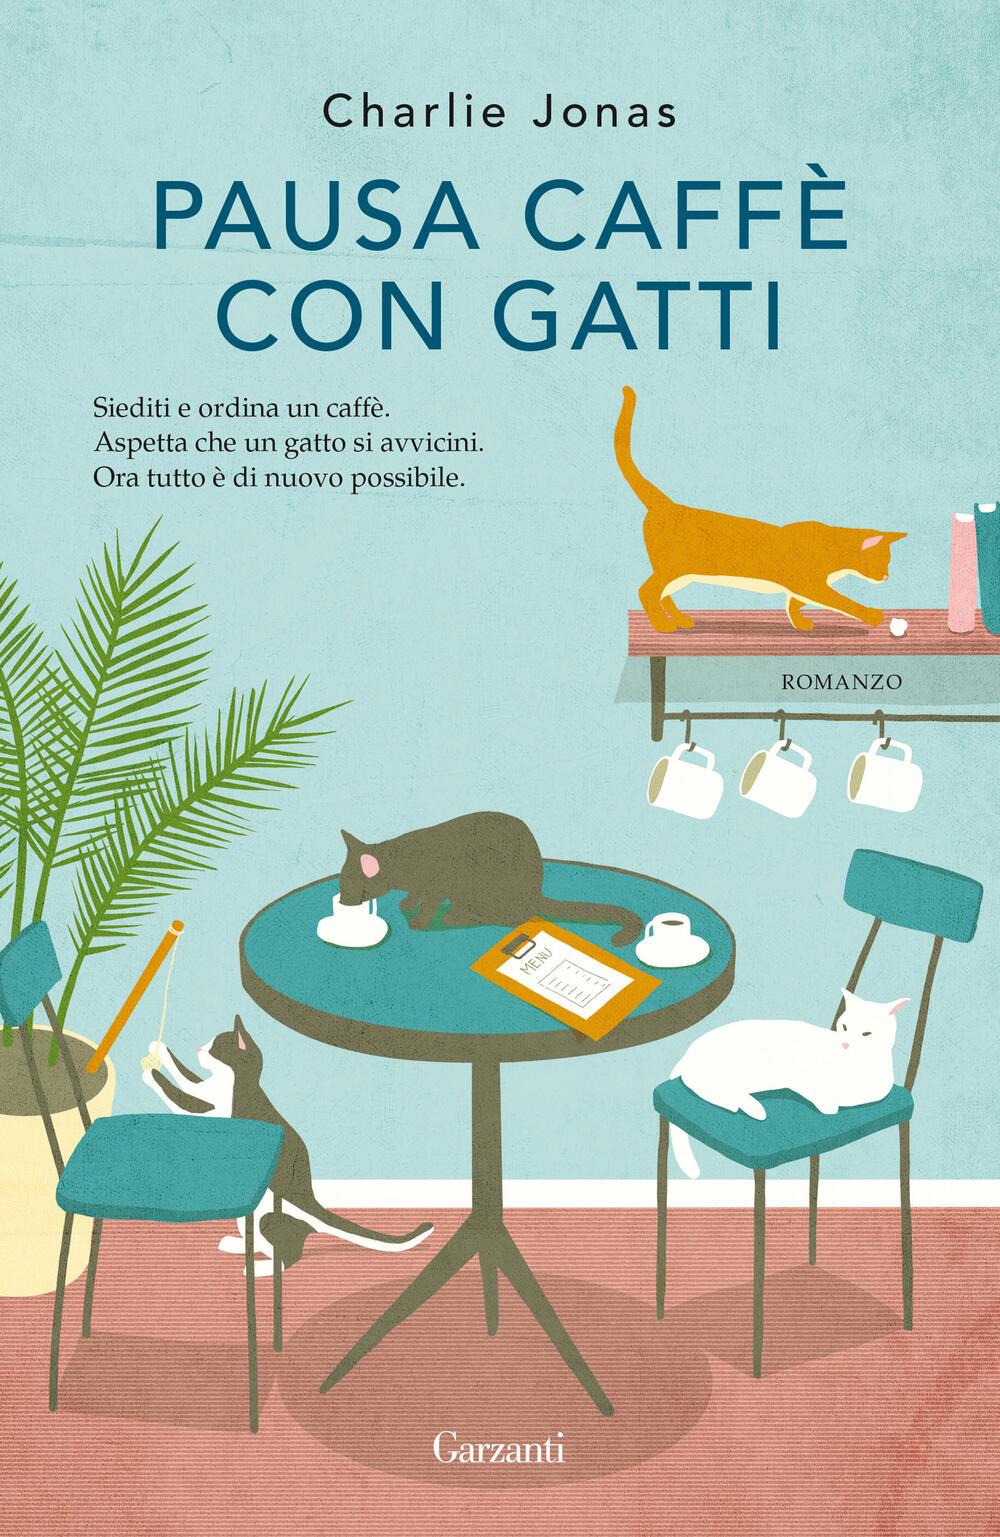 """Pausa caffè con gatti"""" di Charlie Jonas - Brossura - NARRATORI MODERNI - Il  Libraio"""